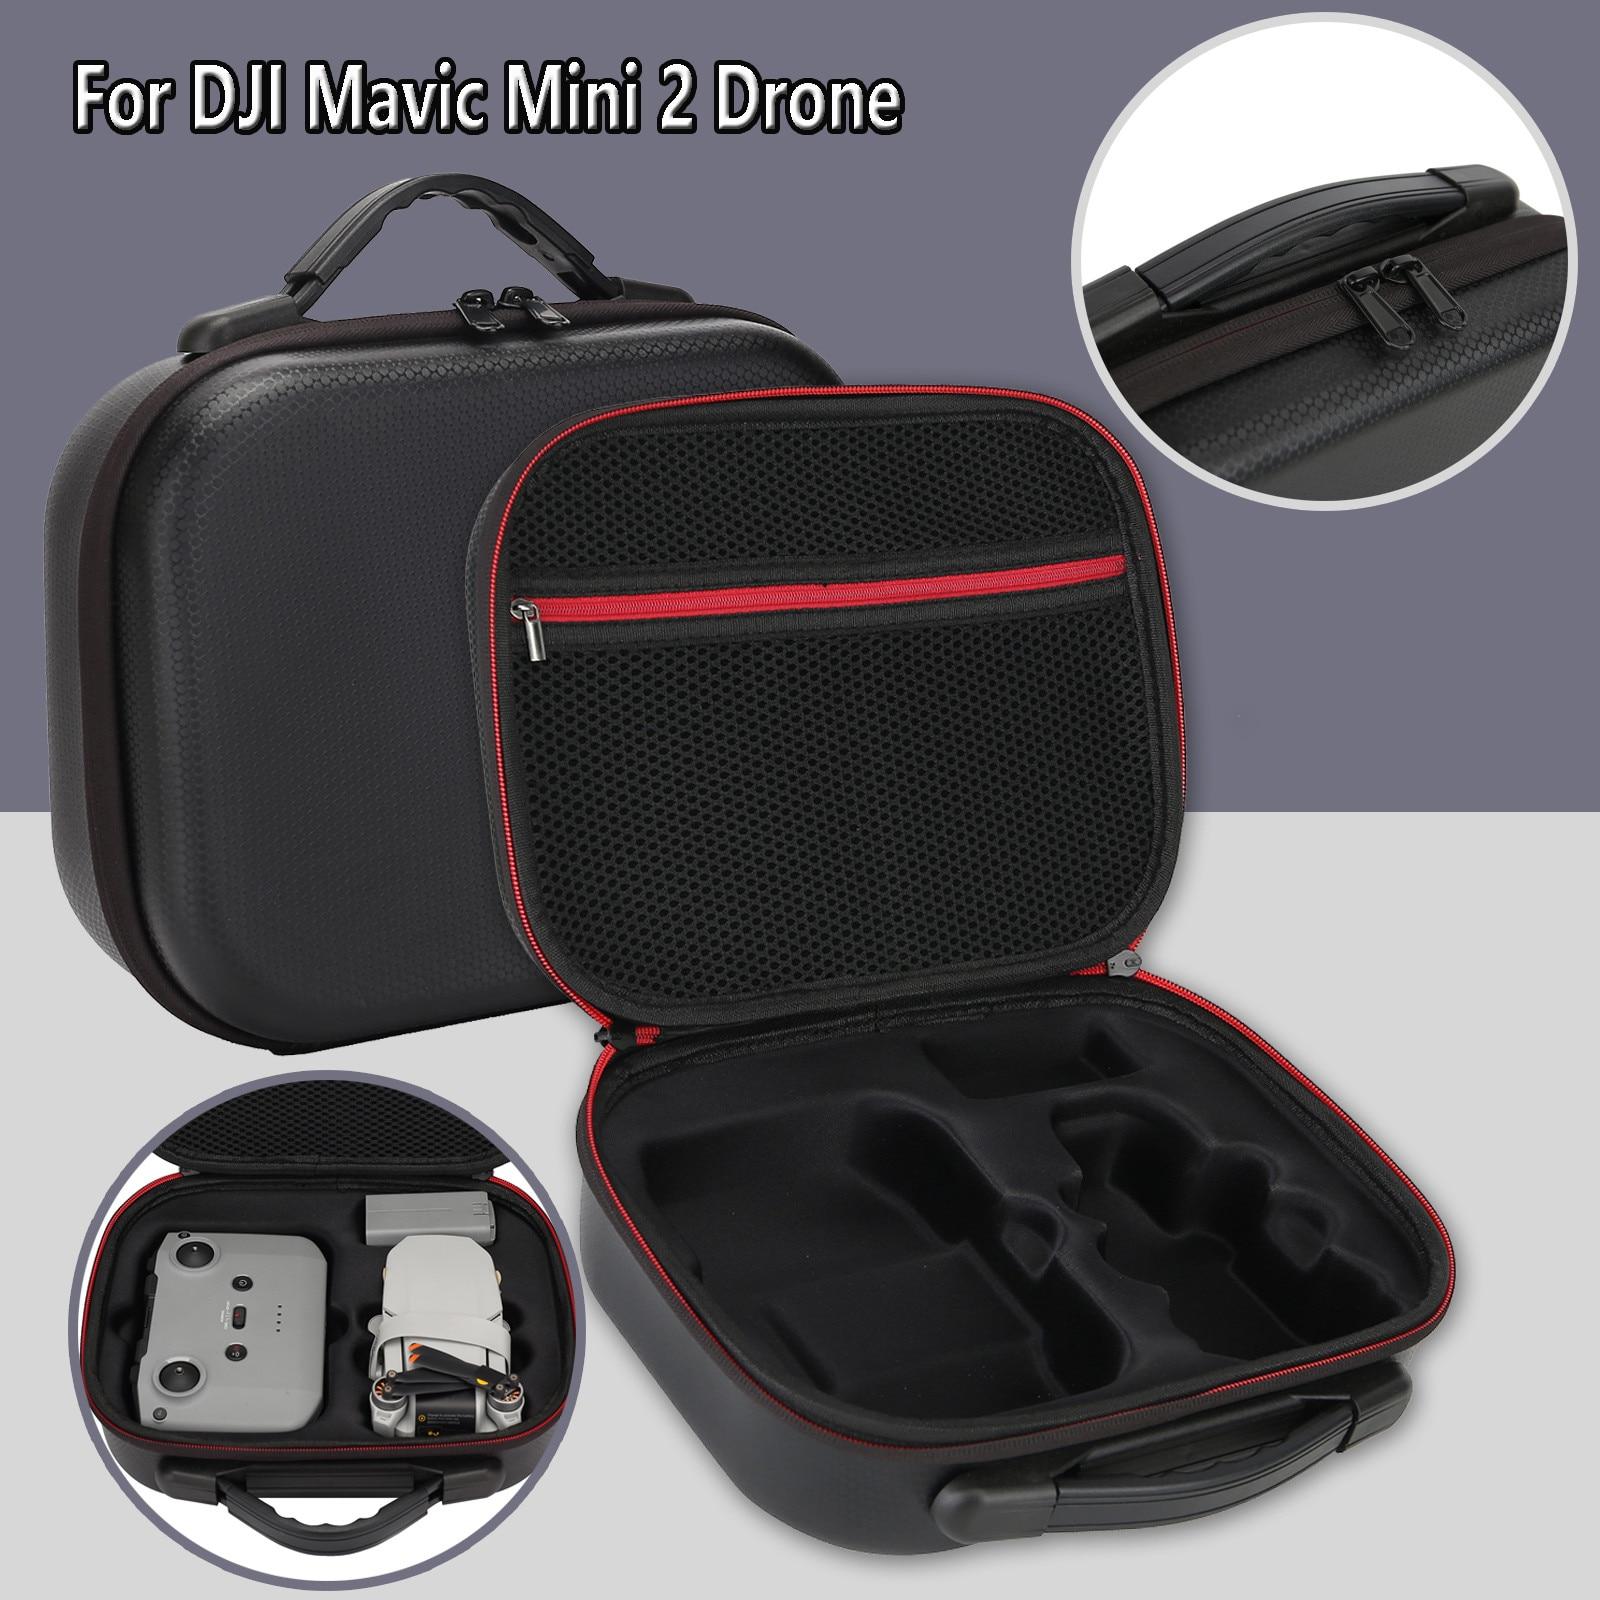 custodia-da-viaggio-borsa-da-viaggio-borsa-a-tracolla-per-dji-mavic-mini-2-drone-office-home-storage-bag-nuovo-nero-grande-capacita